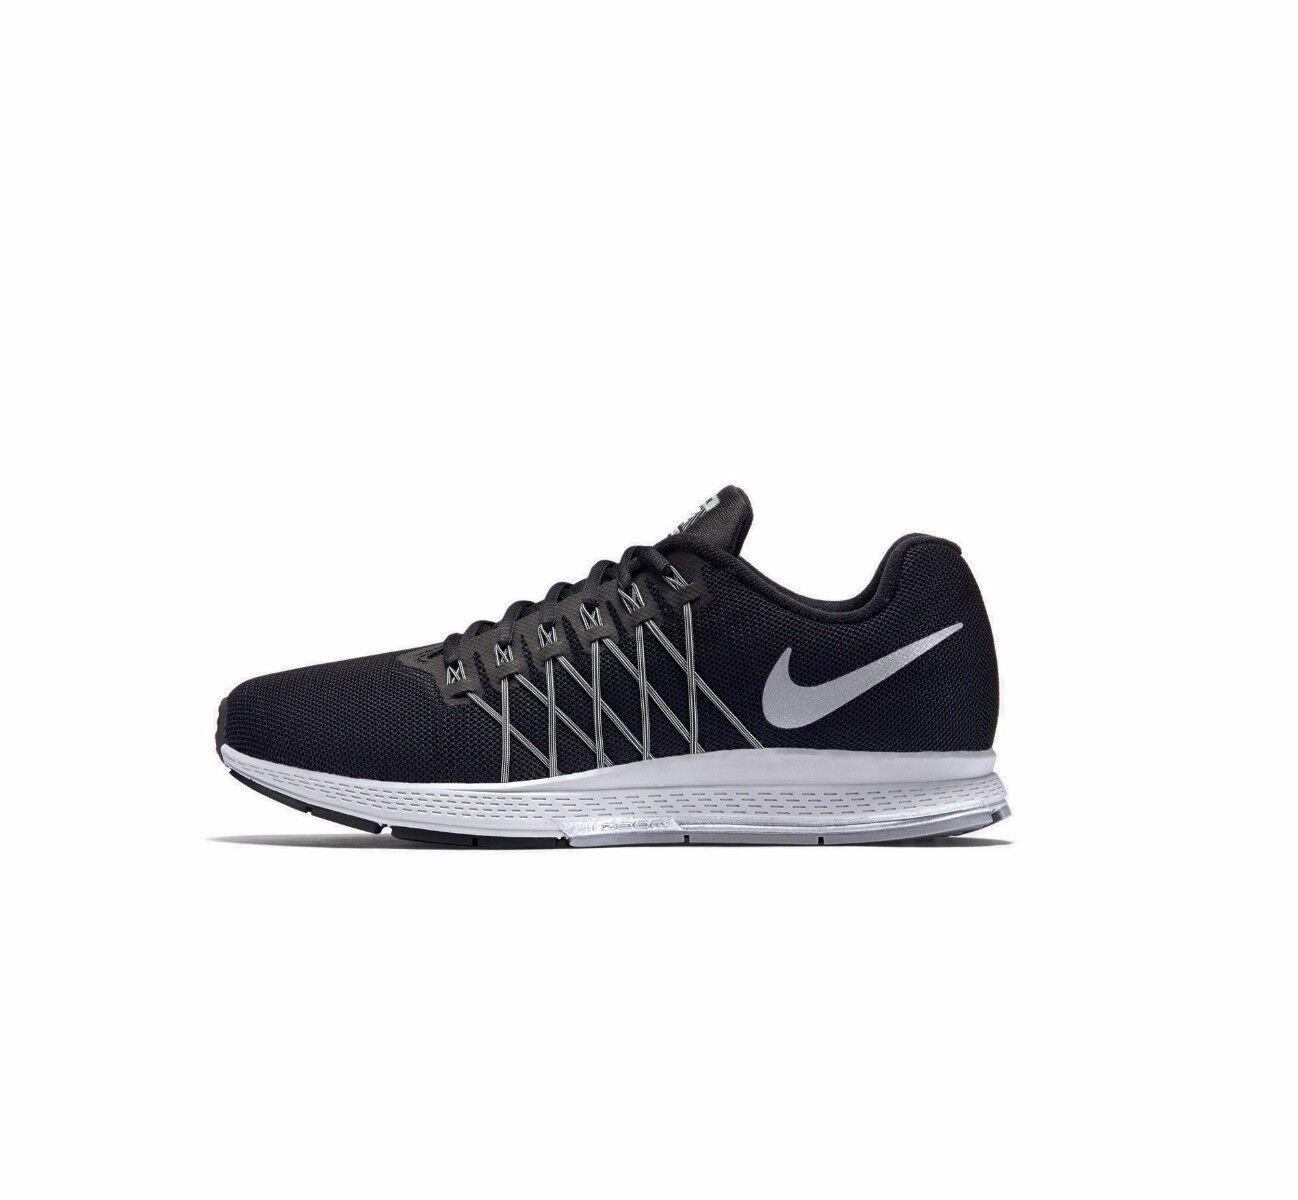 Nike air pegasus 32 uk numero 7 11, nero correre formatori scarpe